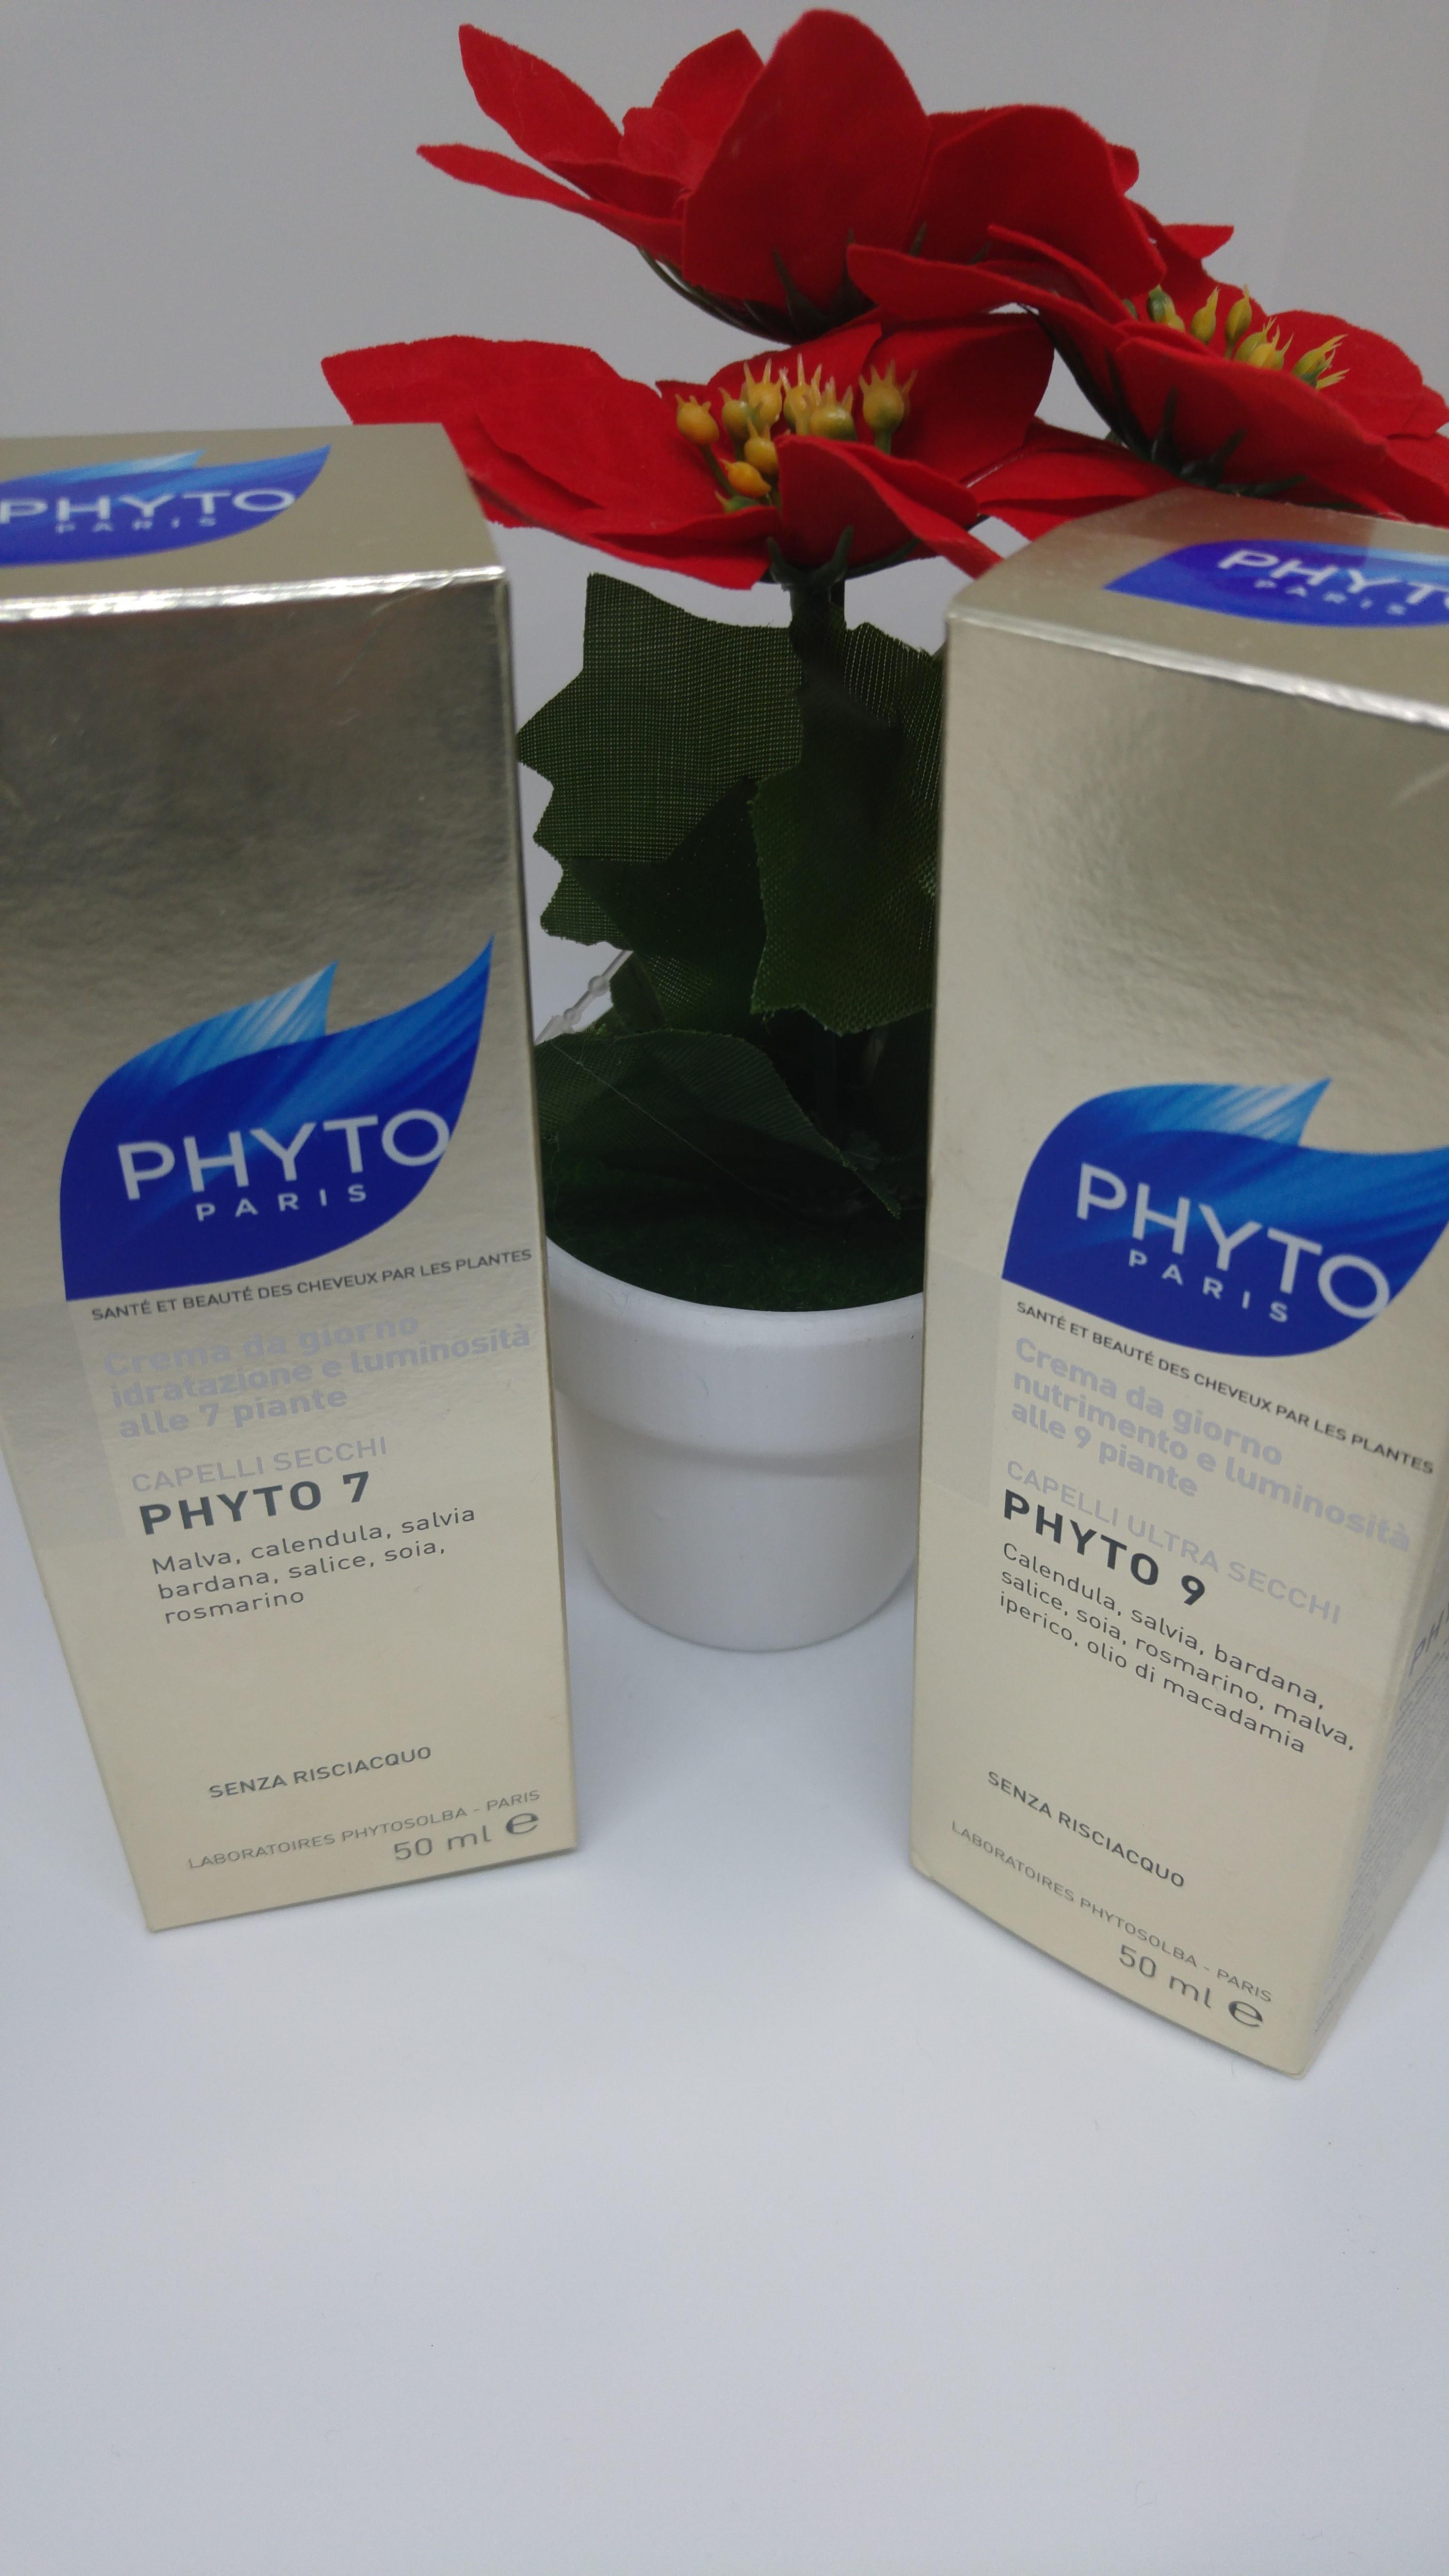 Phyto 7 e Phyto 9 | Recensione